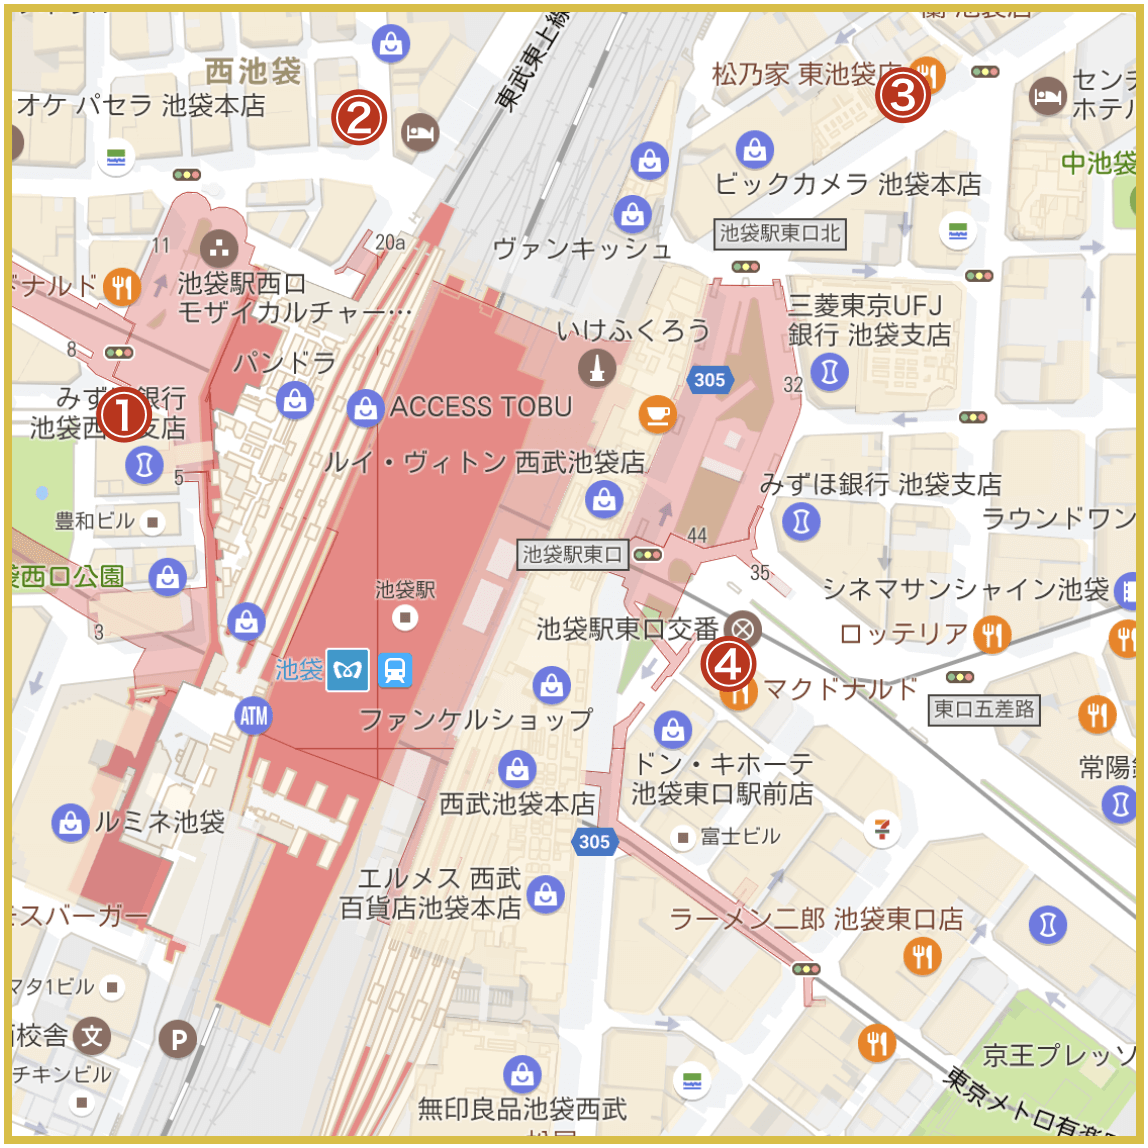 池袋駅周辺にあるアコム店舗・ATMの位置